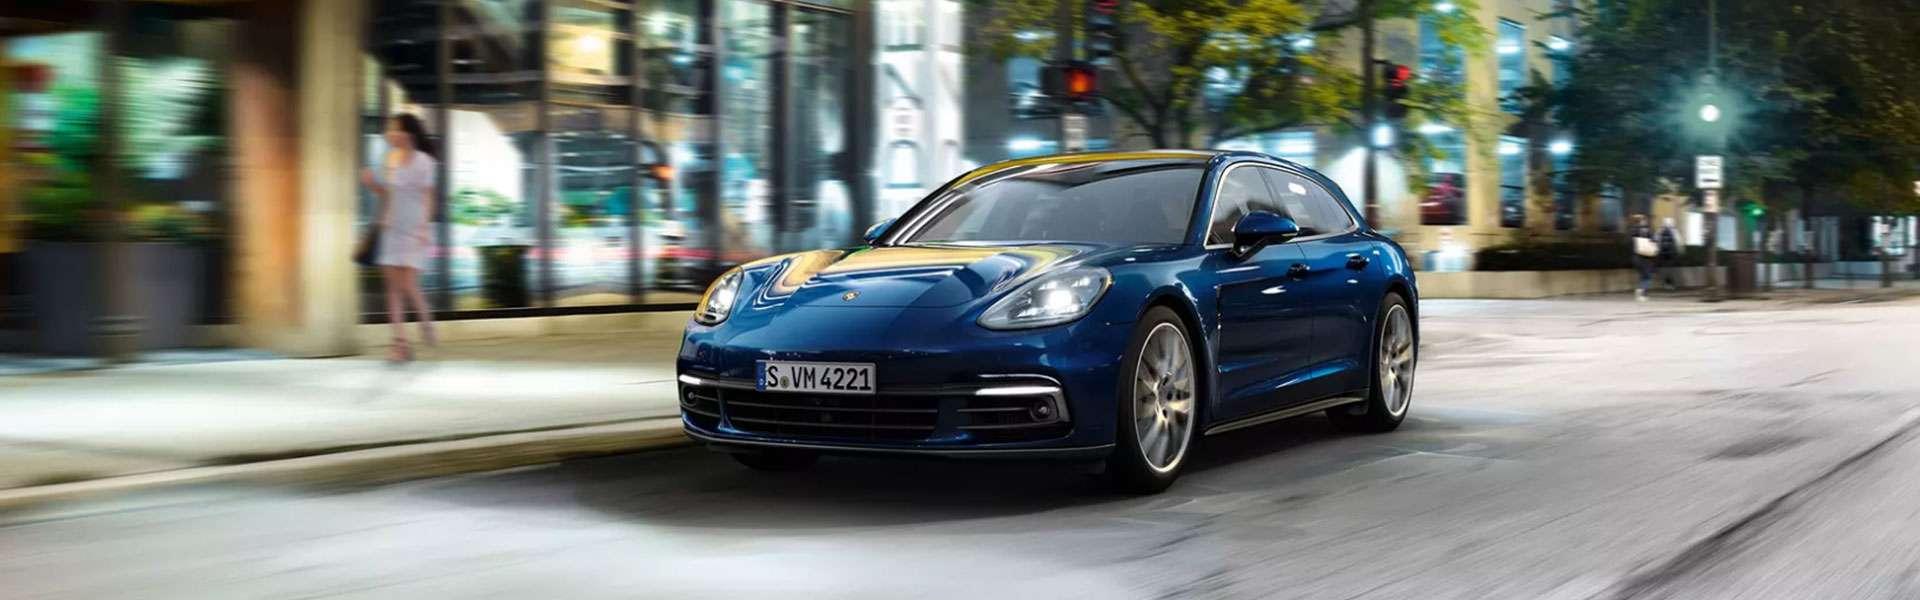 Porsche Panamera Lease >> Welcome To Porsche Program At Porsche Of Ann Arbor